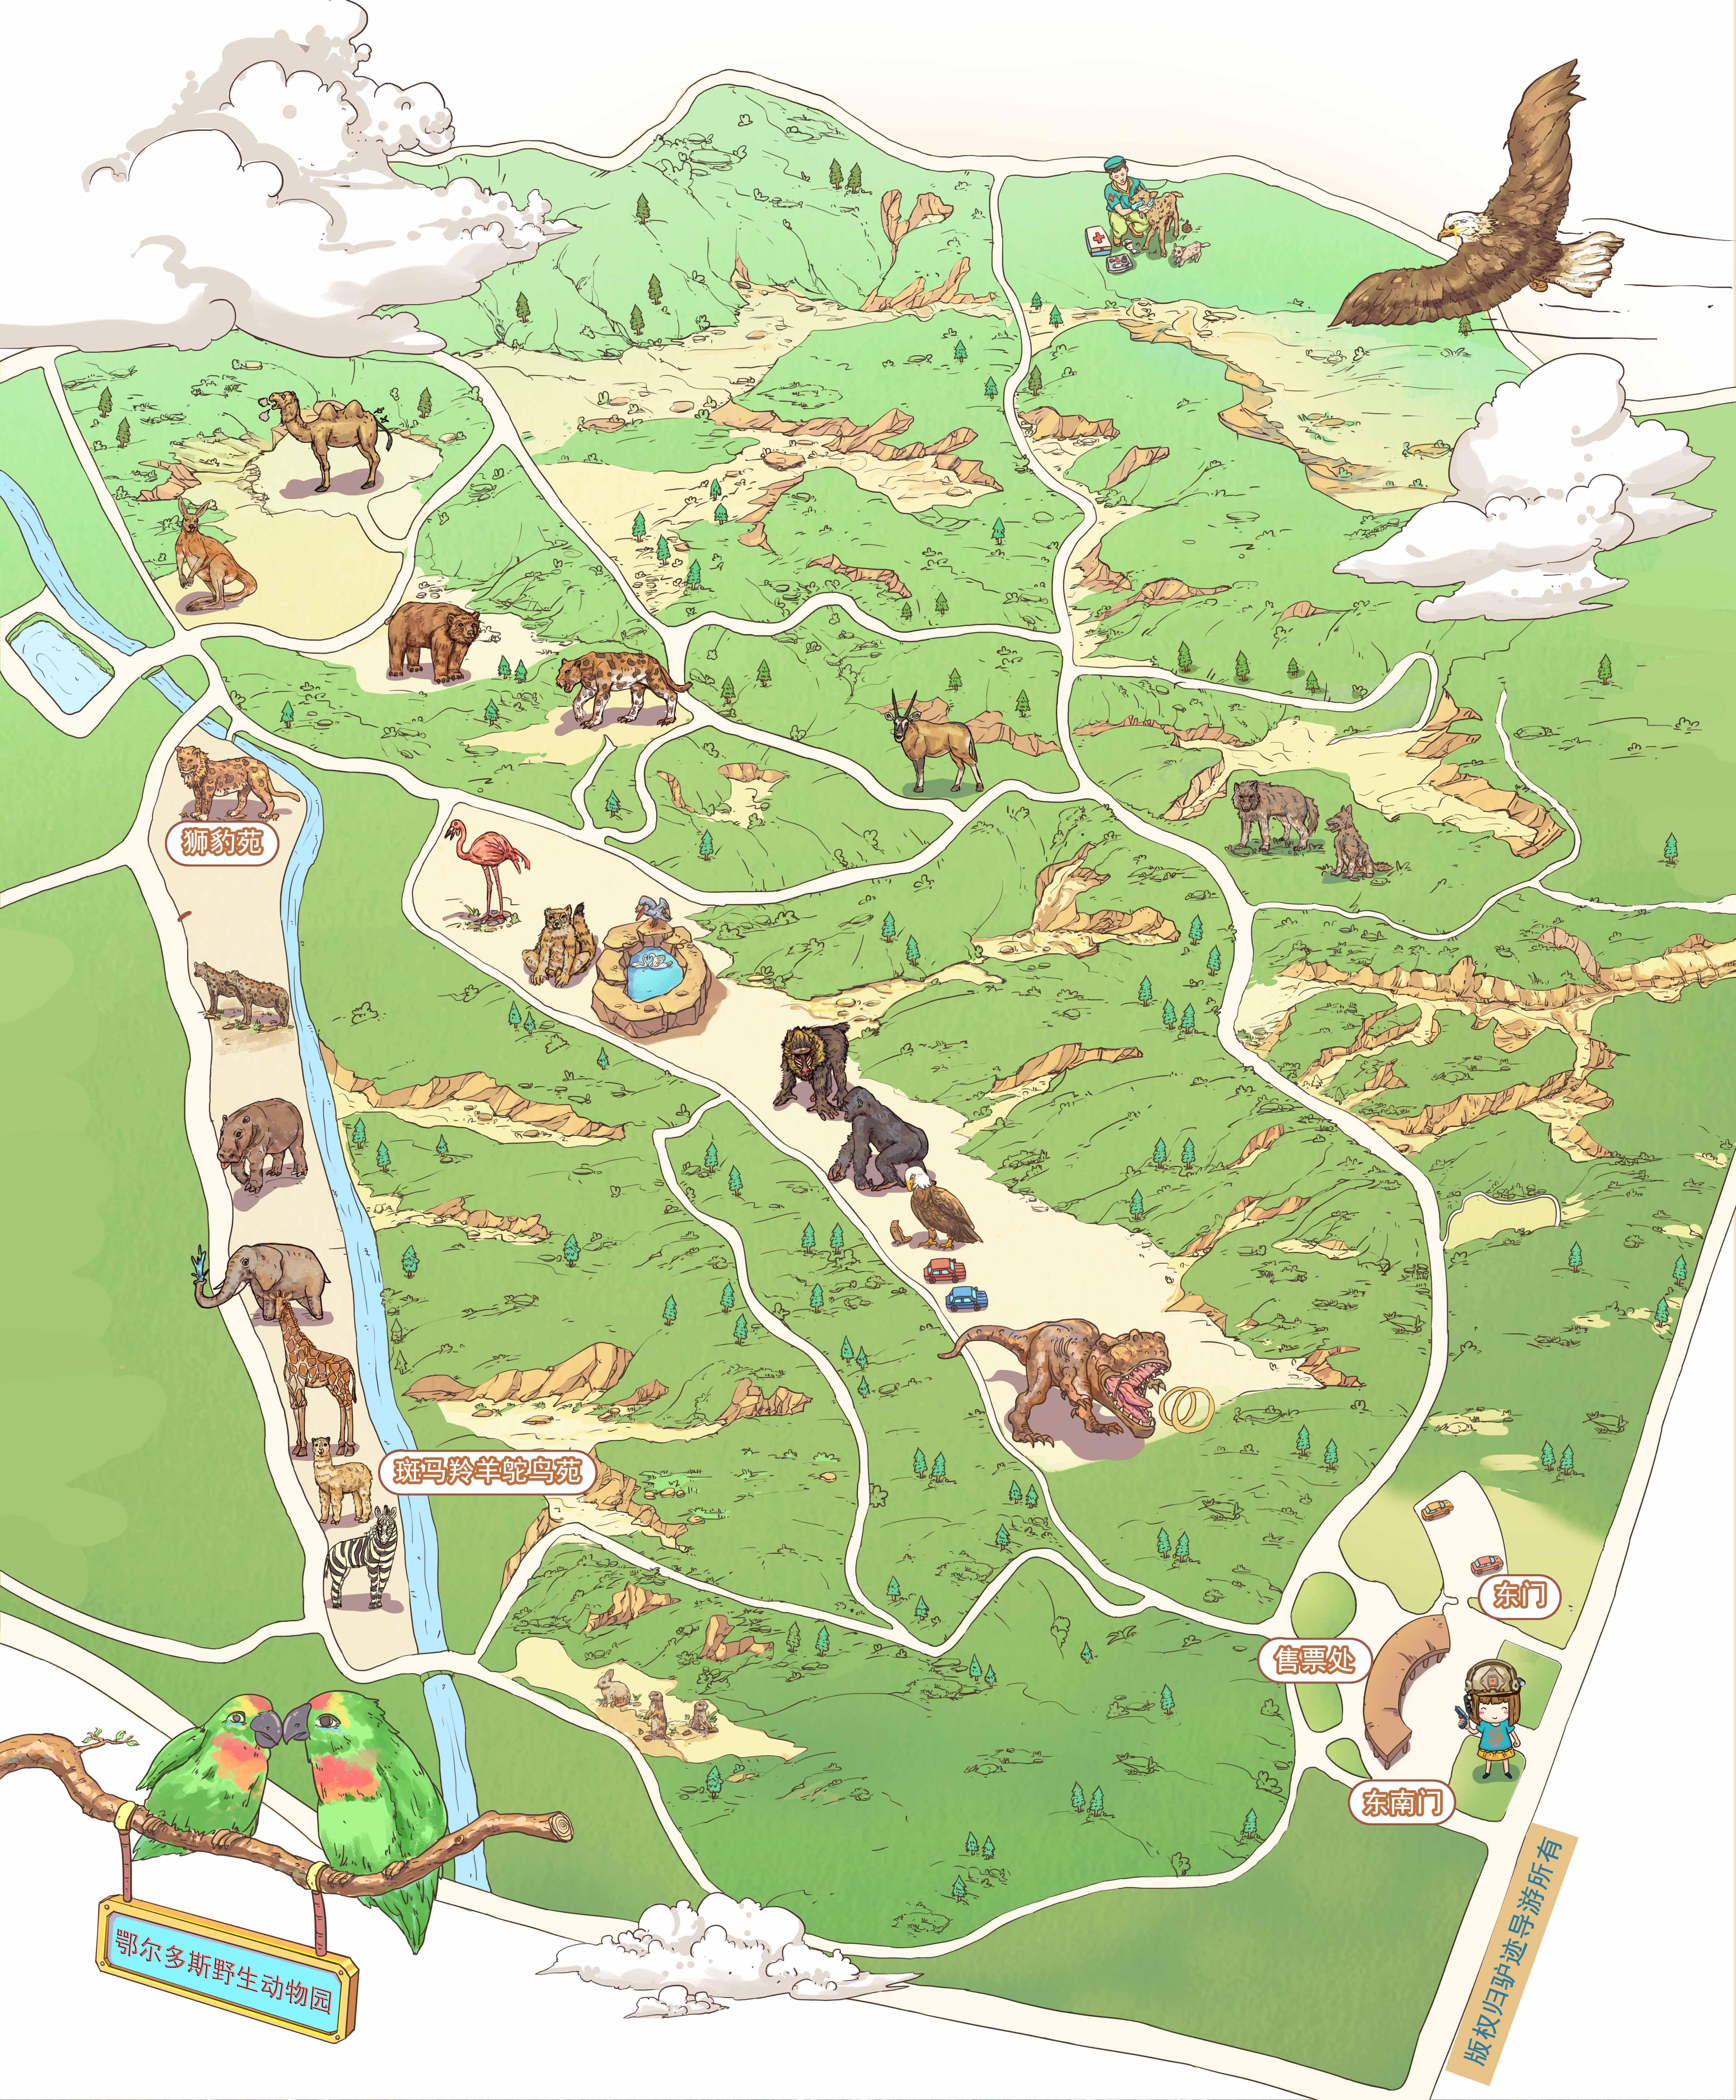 鄂尔多斯野生动物园 手机导游【全景地图,园内导航,线路推荐,自动讲解